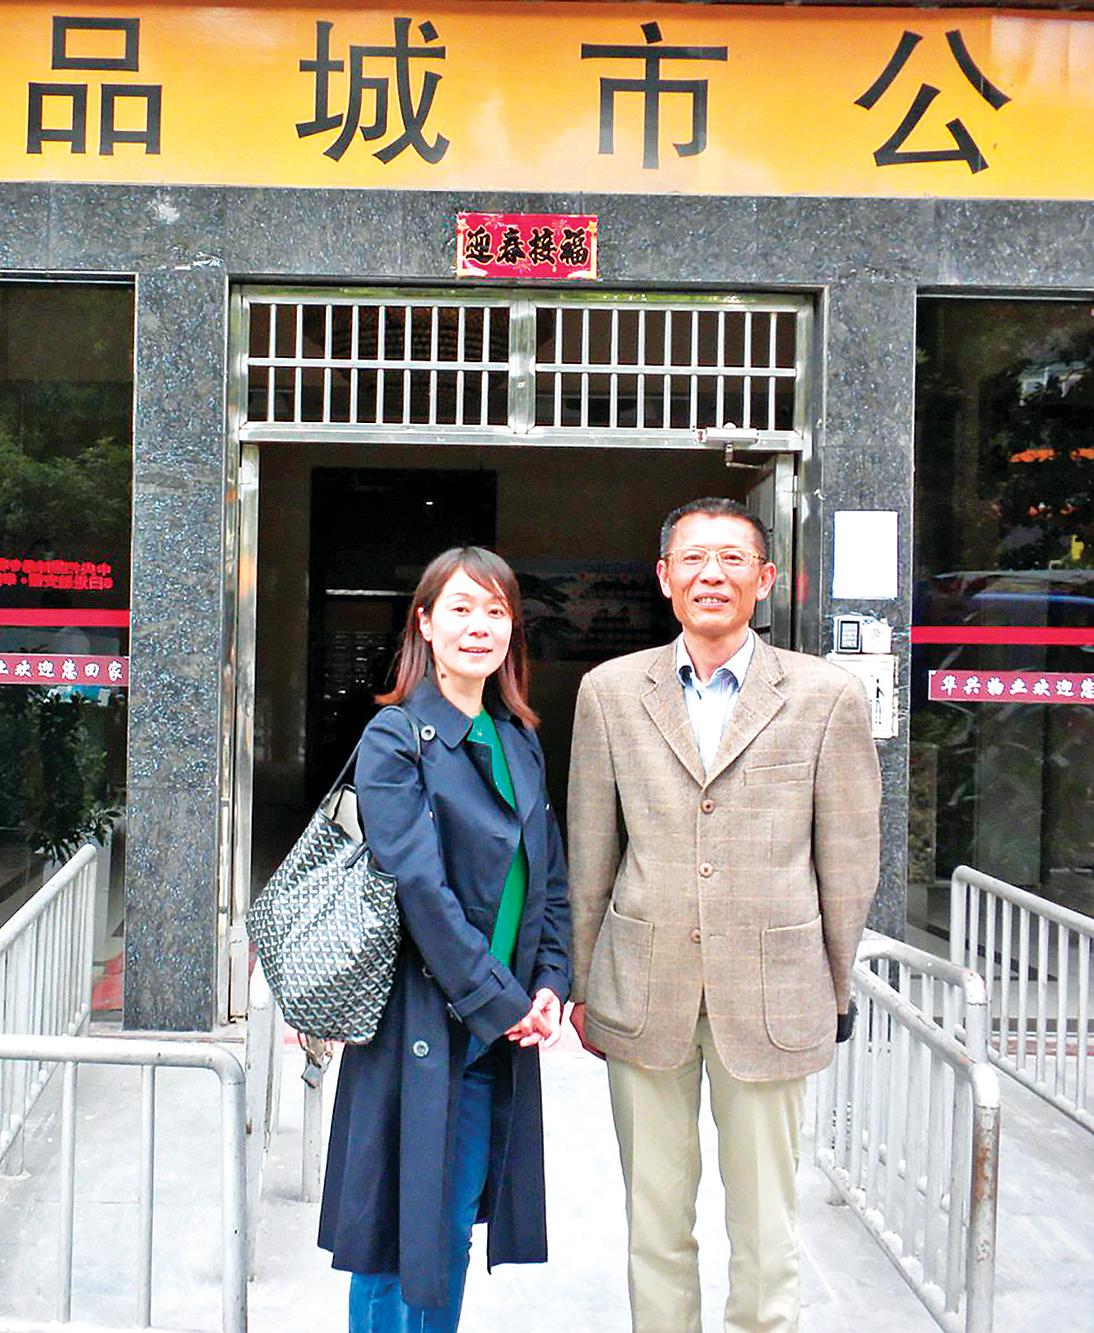 4月,朝日新聞社上海支局長宮島加菜子女士(左)專程到合肥,與安徽著名異見人士沈良慶(右)會面,進行訪談。(推特圖片)